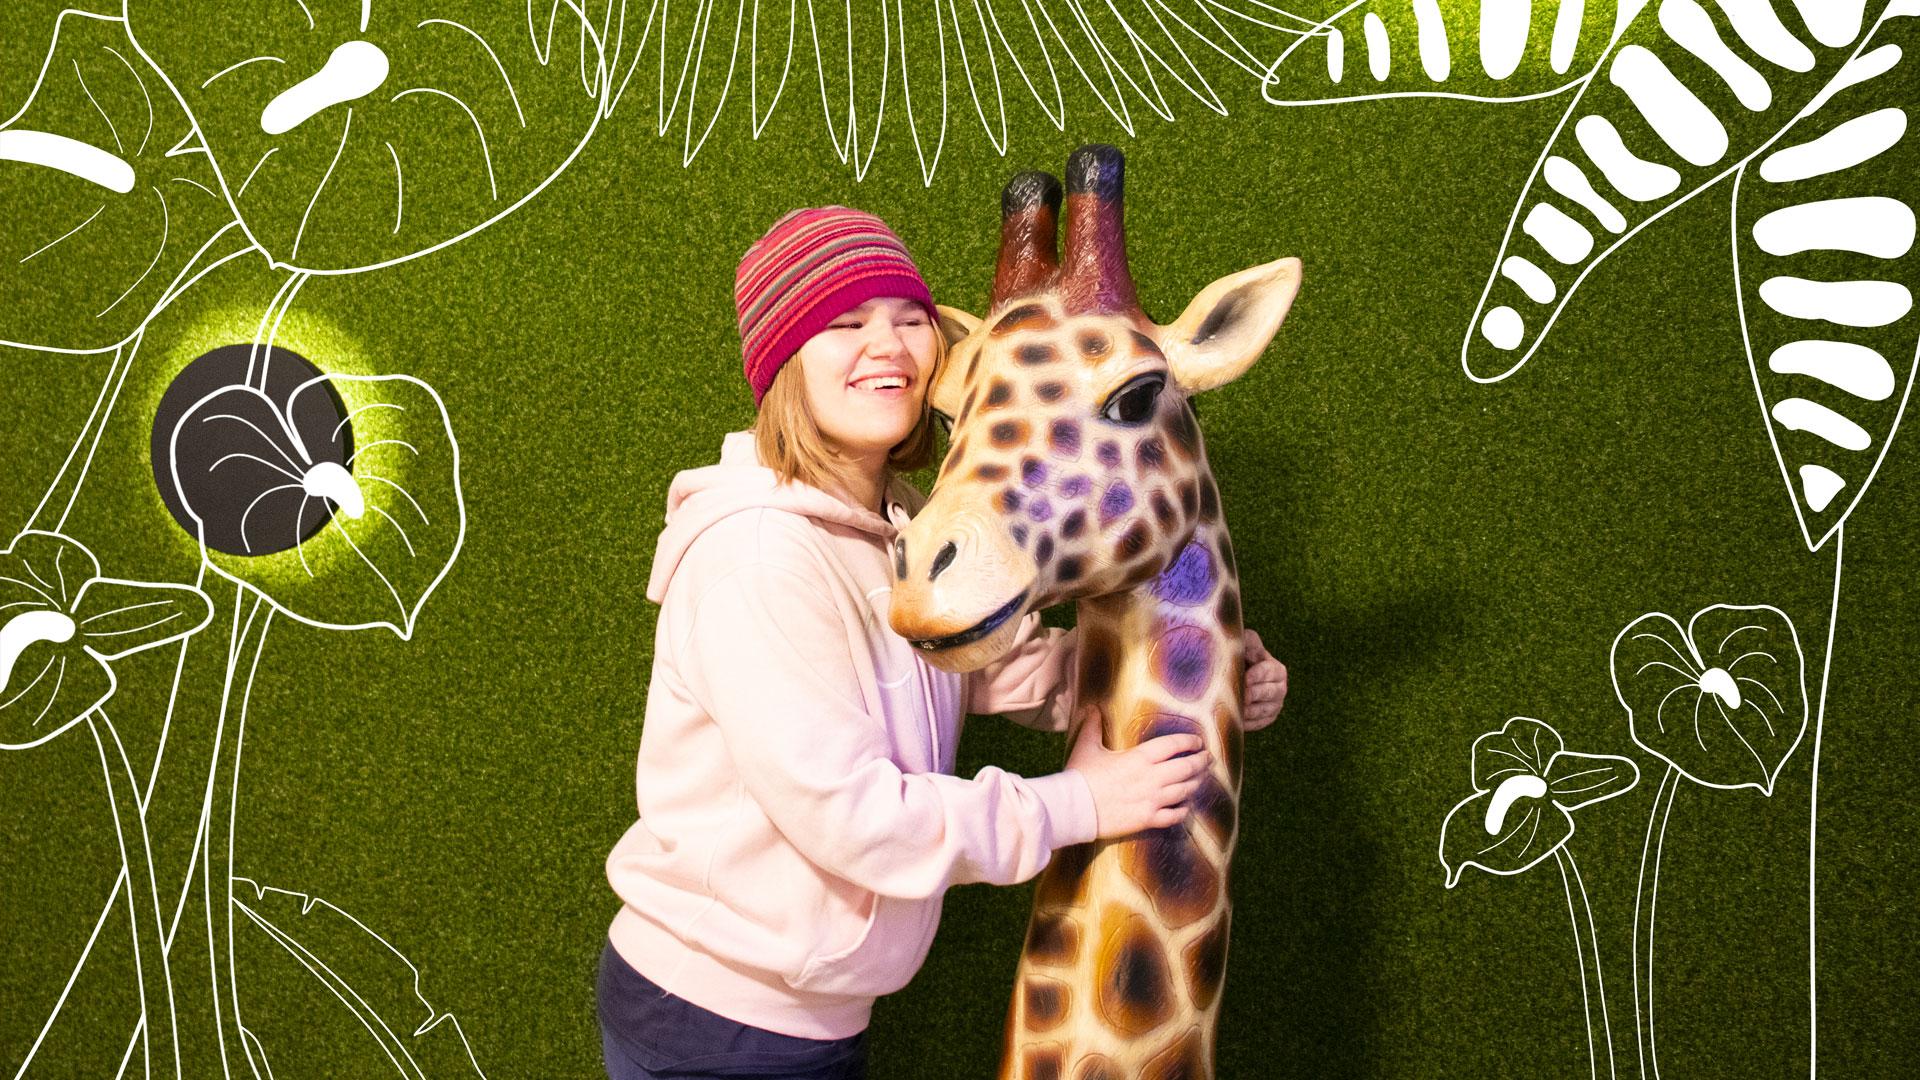 slider_shan-et-la-giraffe